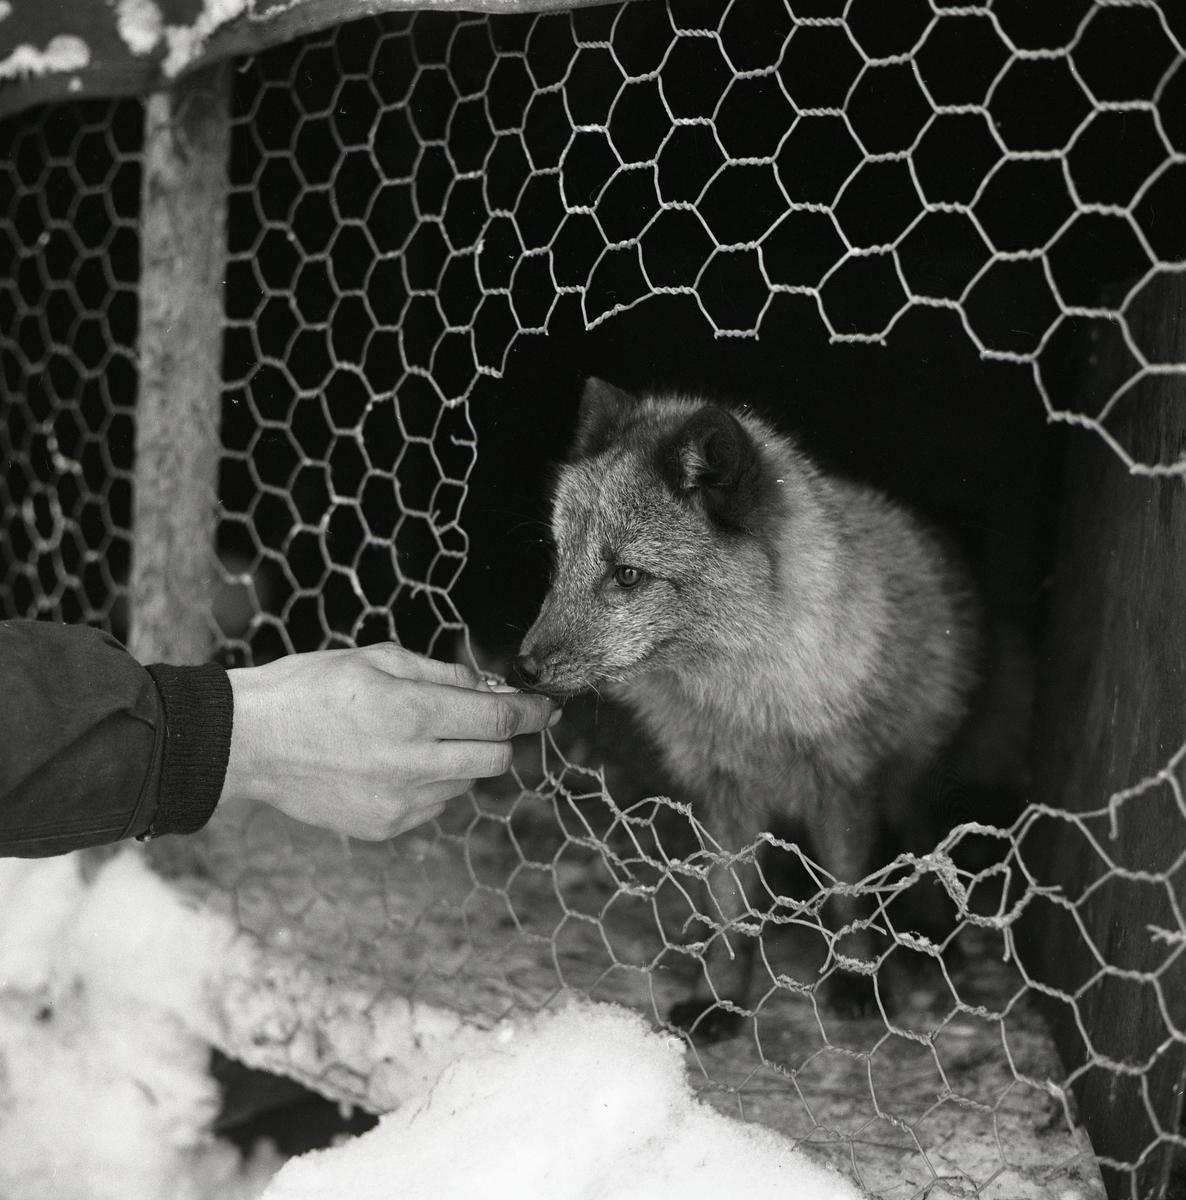 En fjällräv nosar nyfiket på en framstäckt hand, Arvidsjaur 5 december 1959.